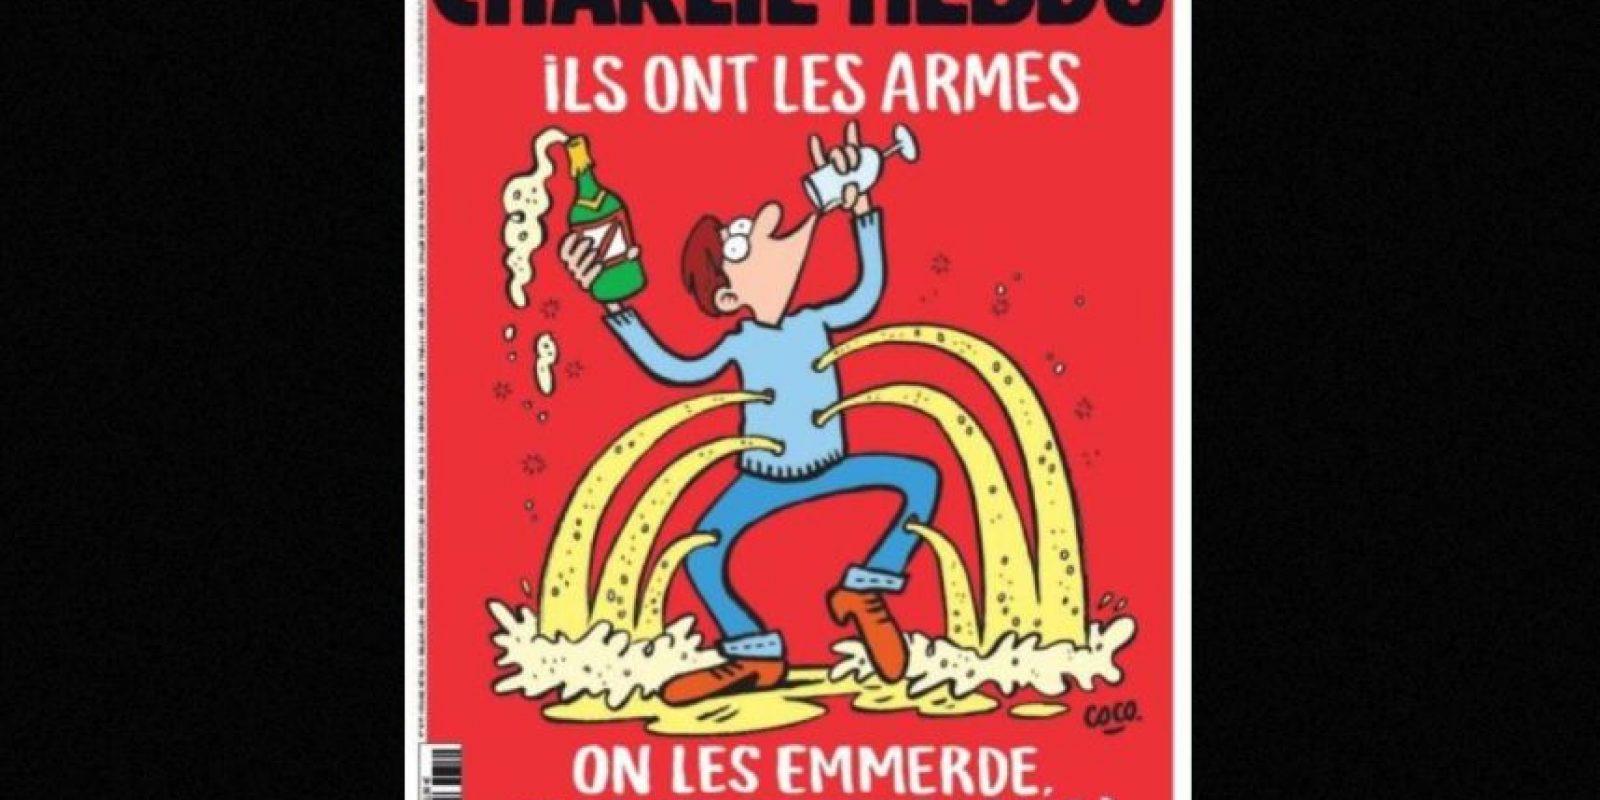 Esta es la portada del semanario tras los atentados en París del viernes 13 de noviembre de 2015 Foto:Charlie Hebdo